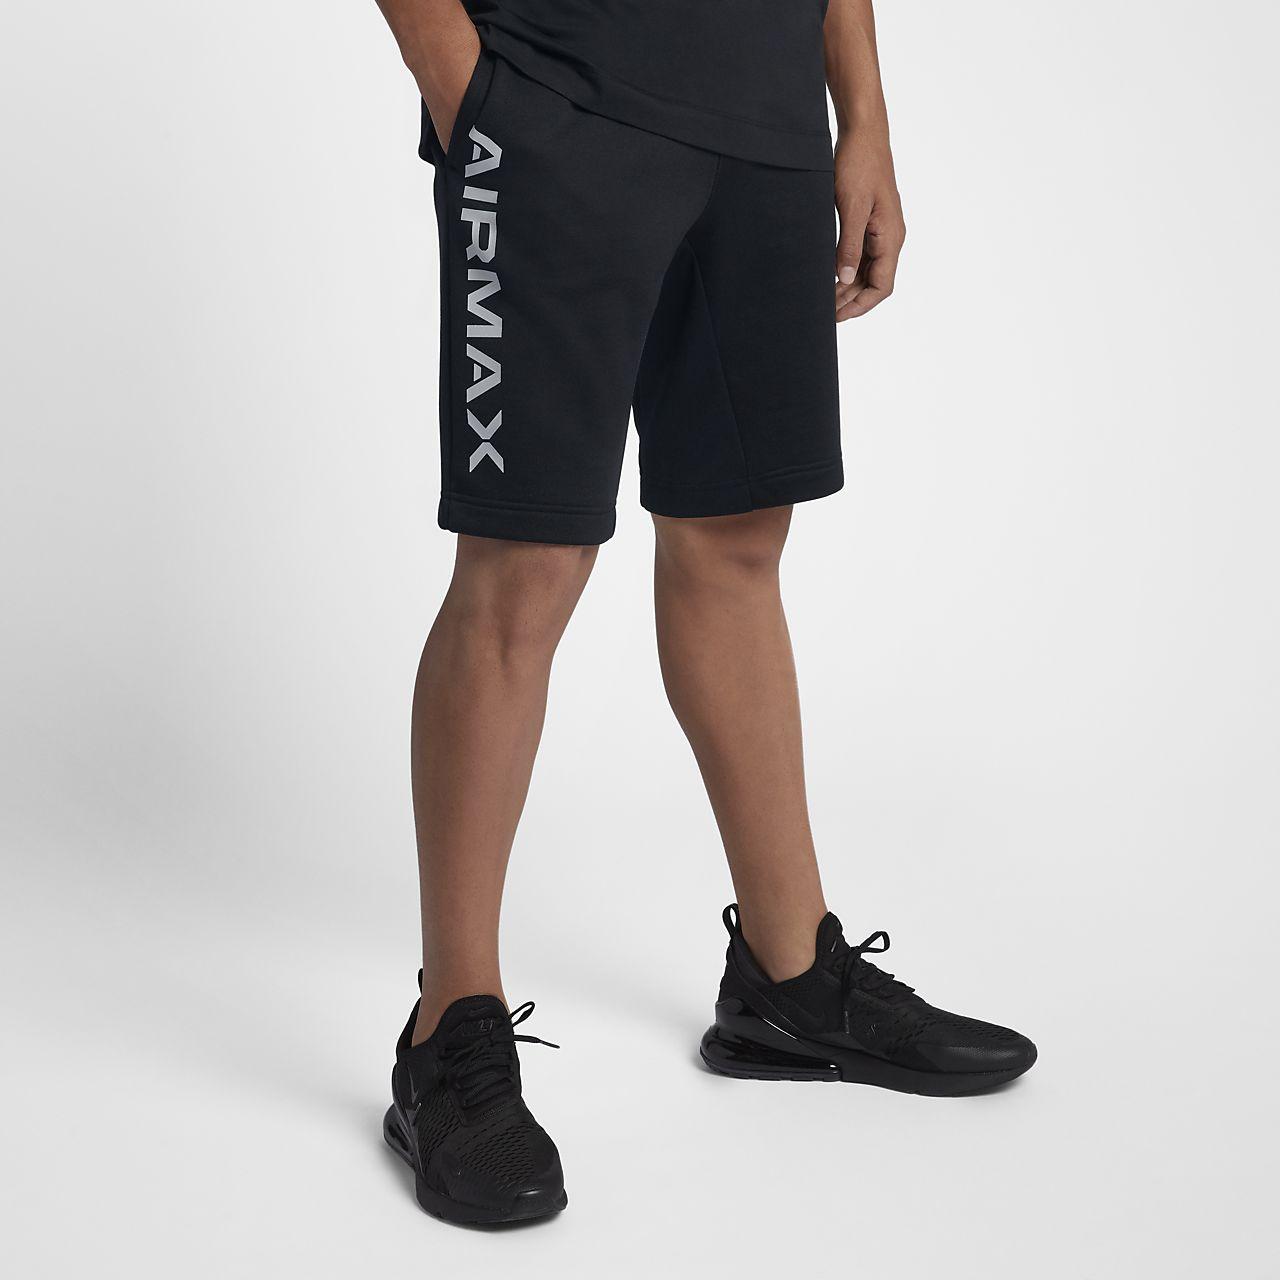 384343de95e732 Nike Air Max Men s Shorts. Nike.com AU